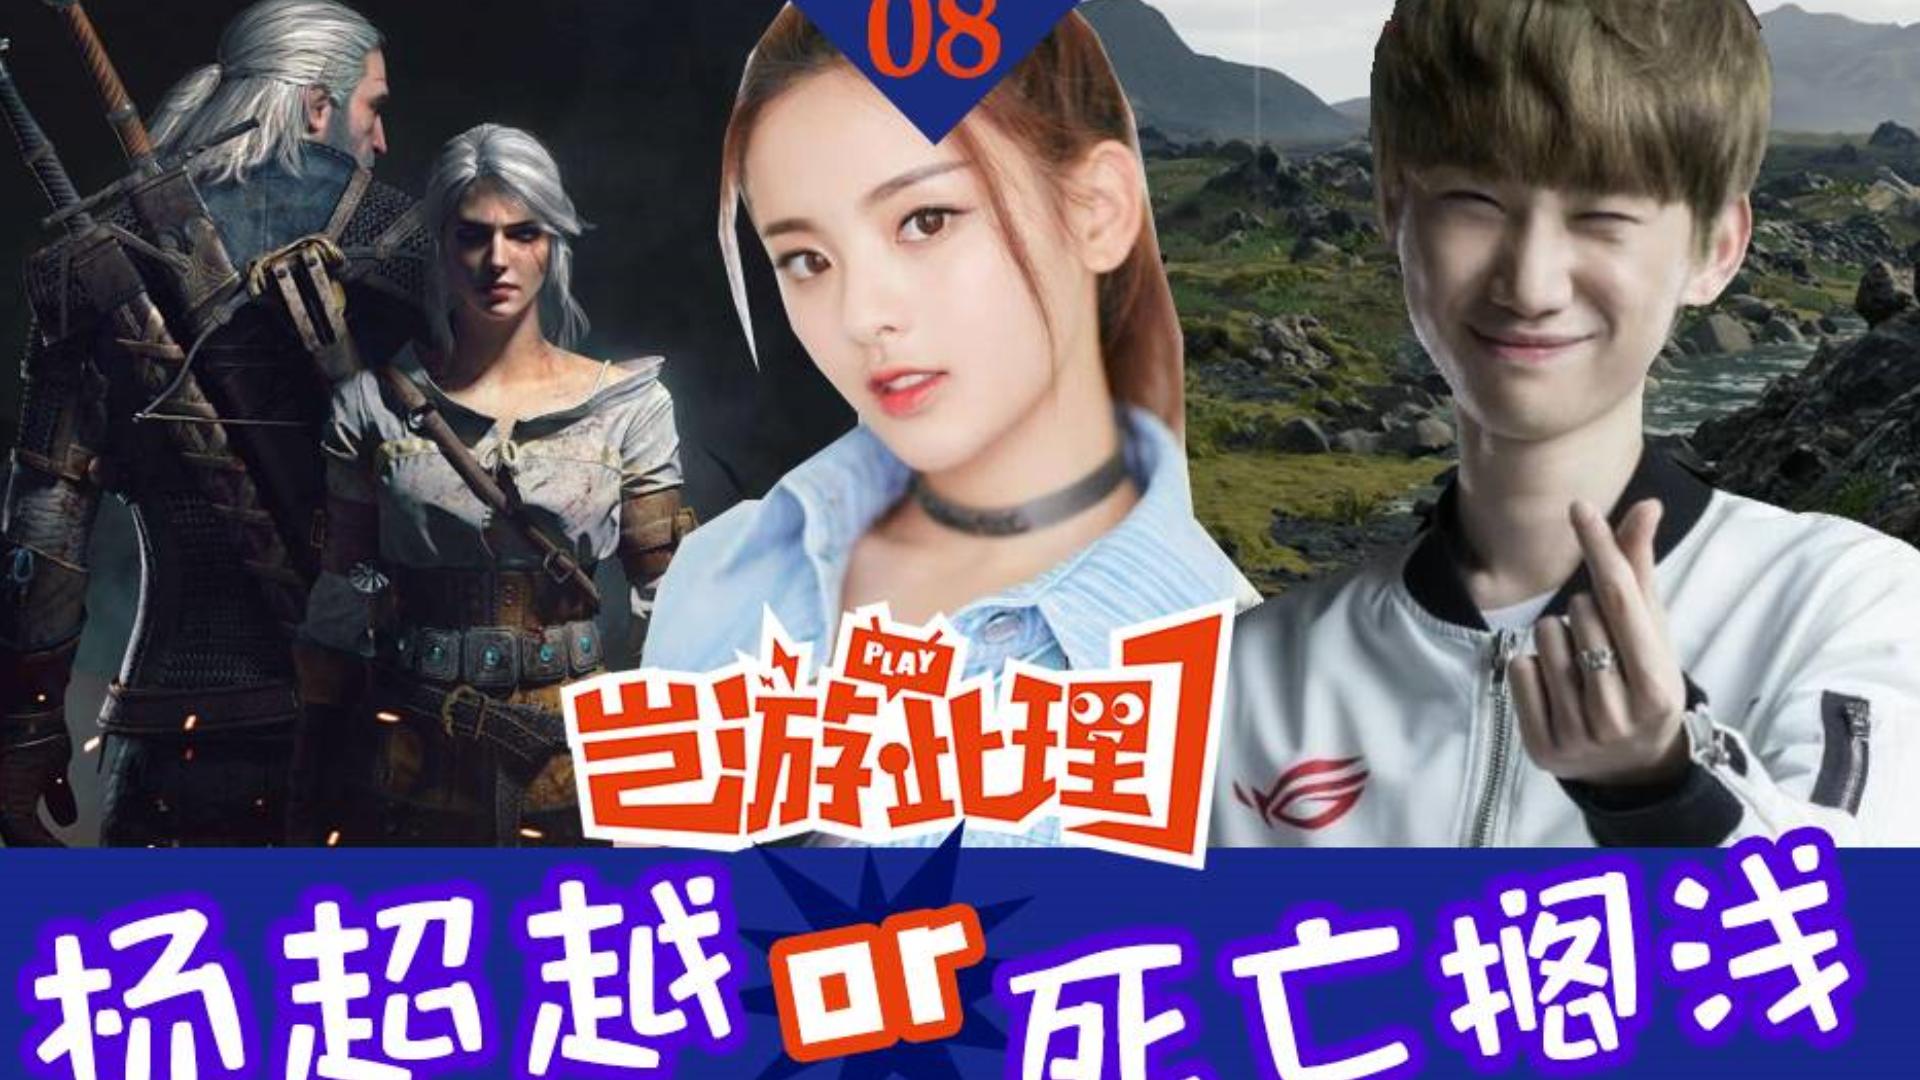 【岂游此理】08巫师3杰洛特内讧 杨超越偶像争议